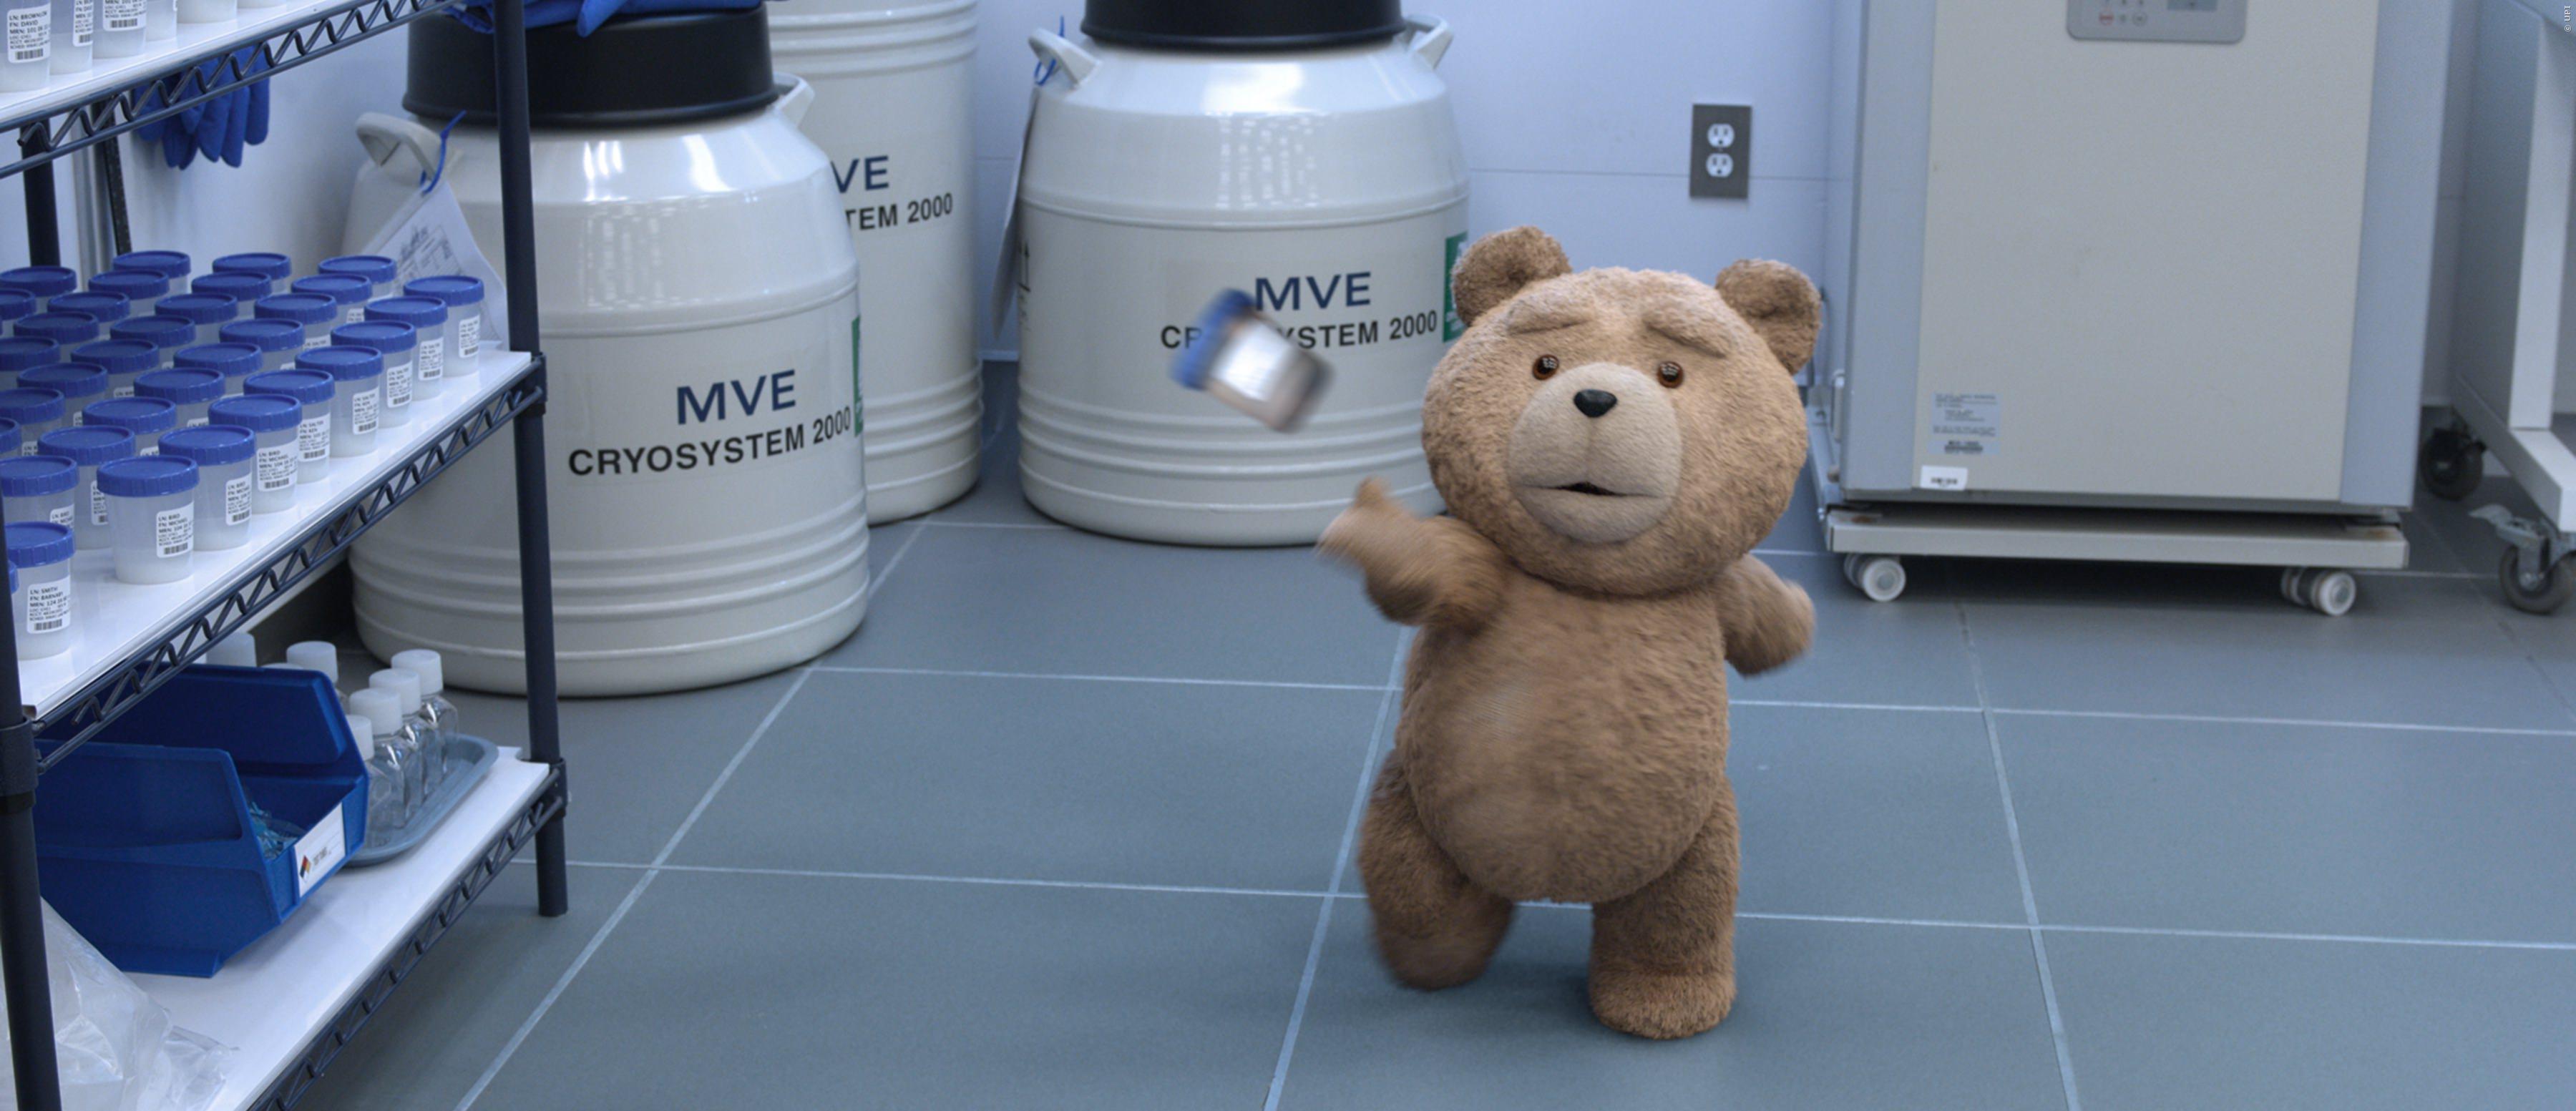 TED wirft aus Spaß mit einer Samenprobe. Das geht nicht gut!